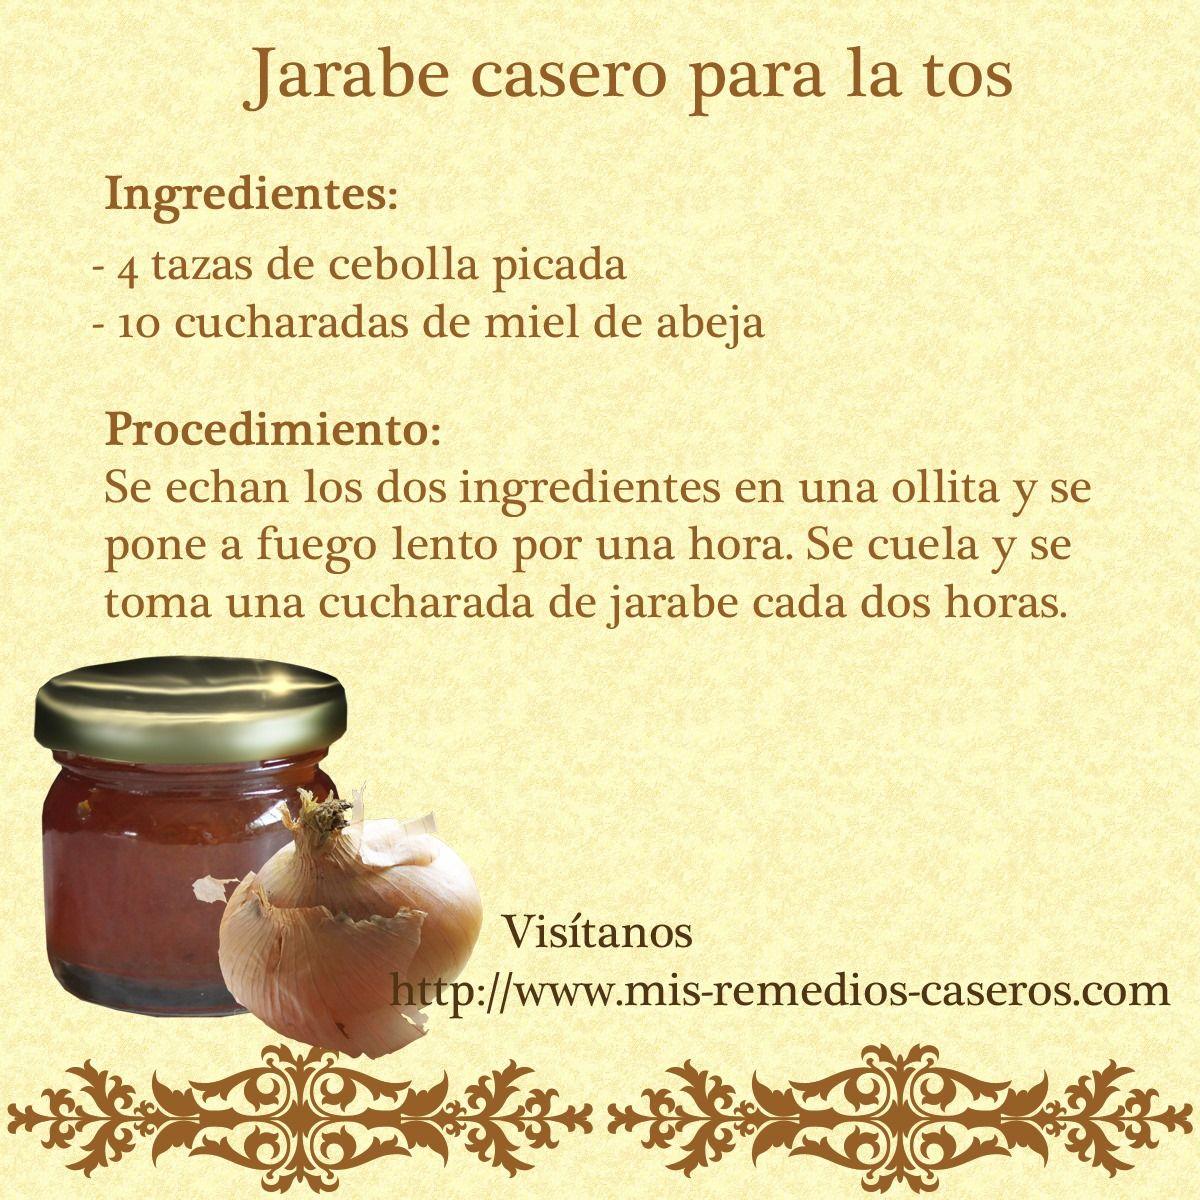 Fotos de Mis-Remedios-Caseros.com - Mis-Remedios-Caseros